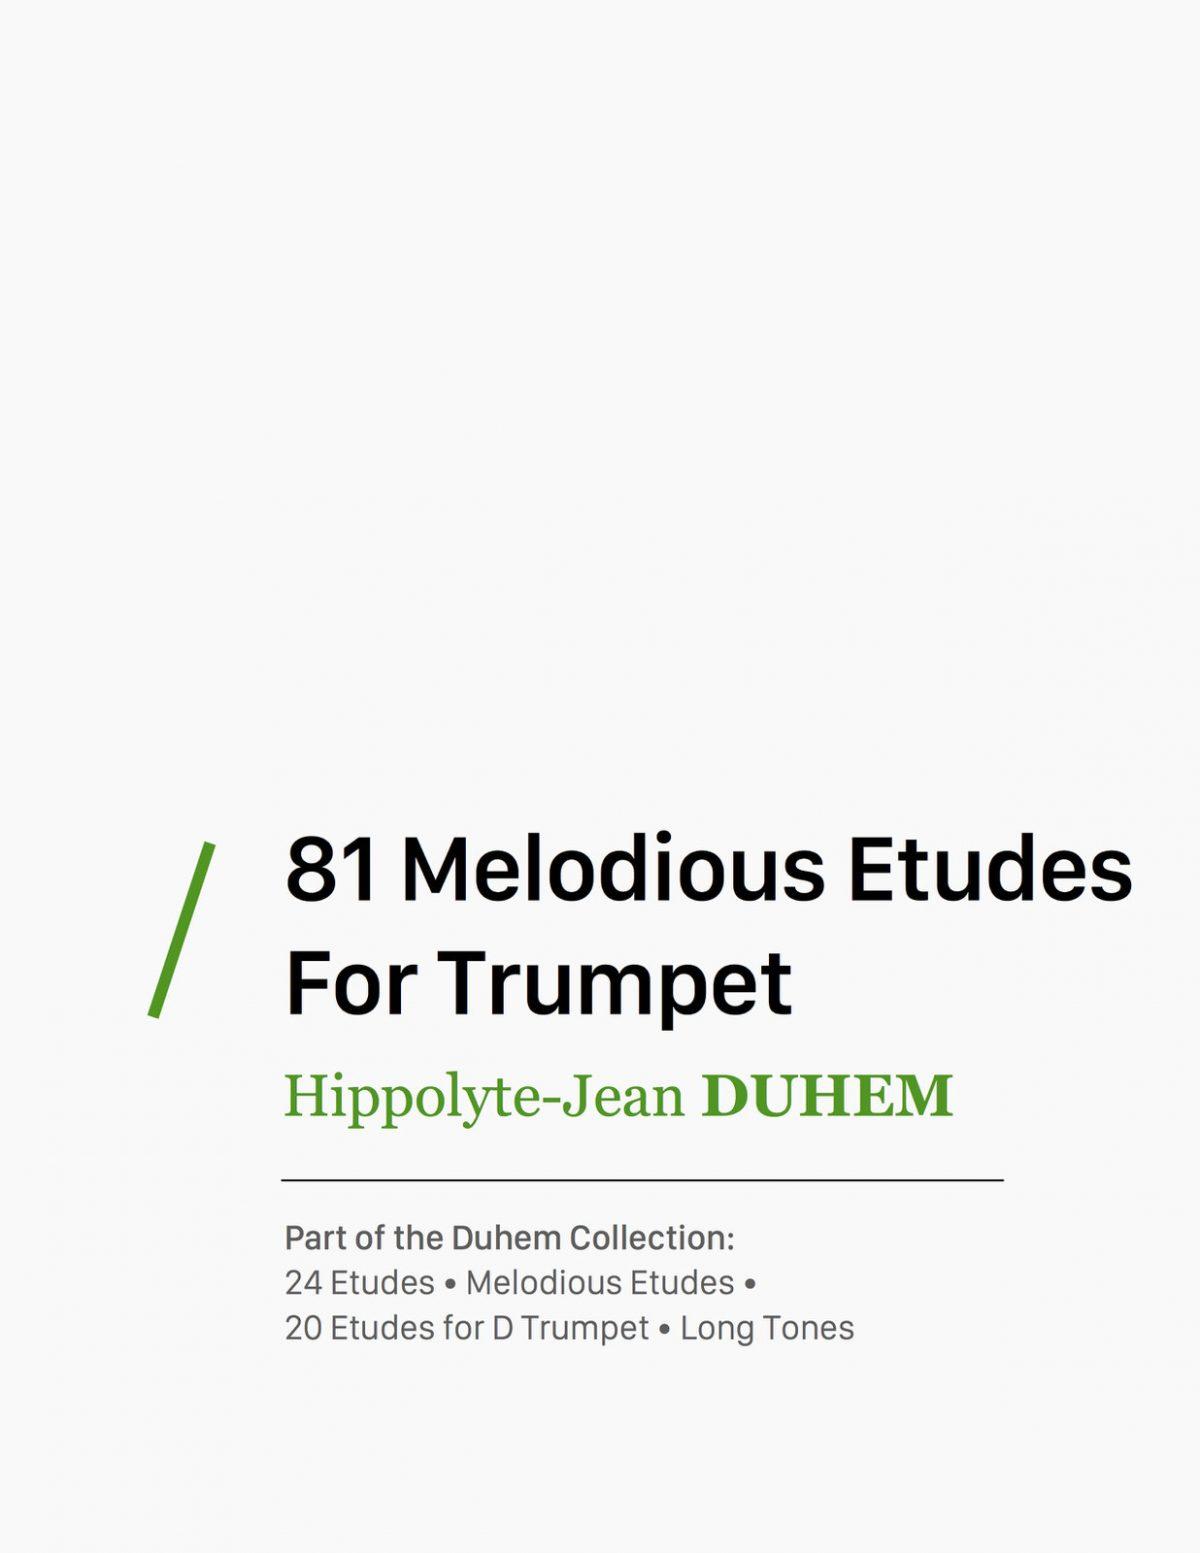 duhem-81-melodious-etudes